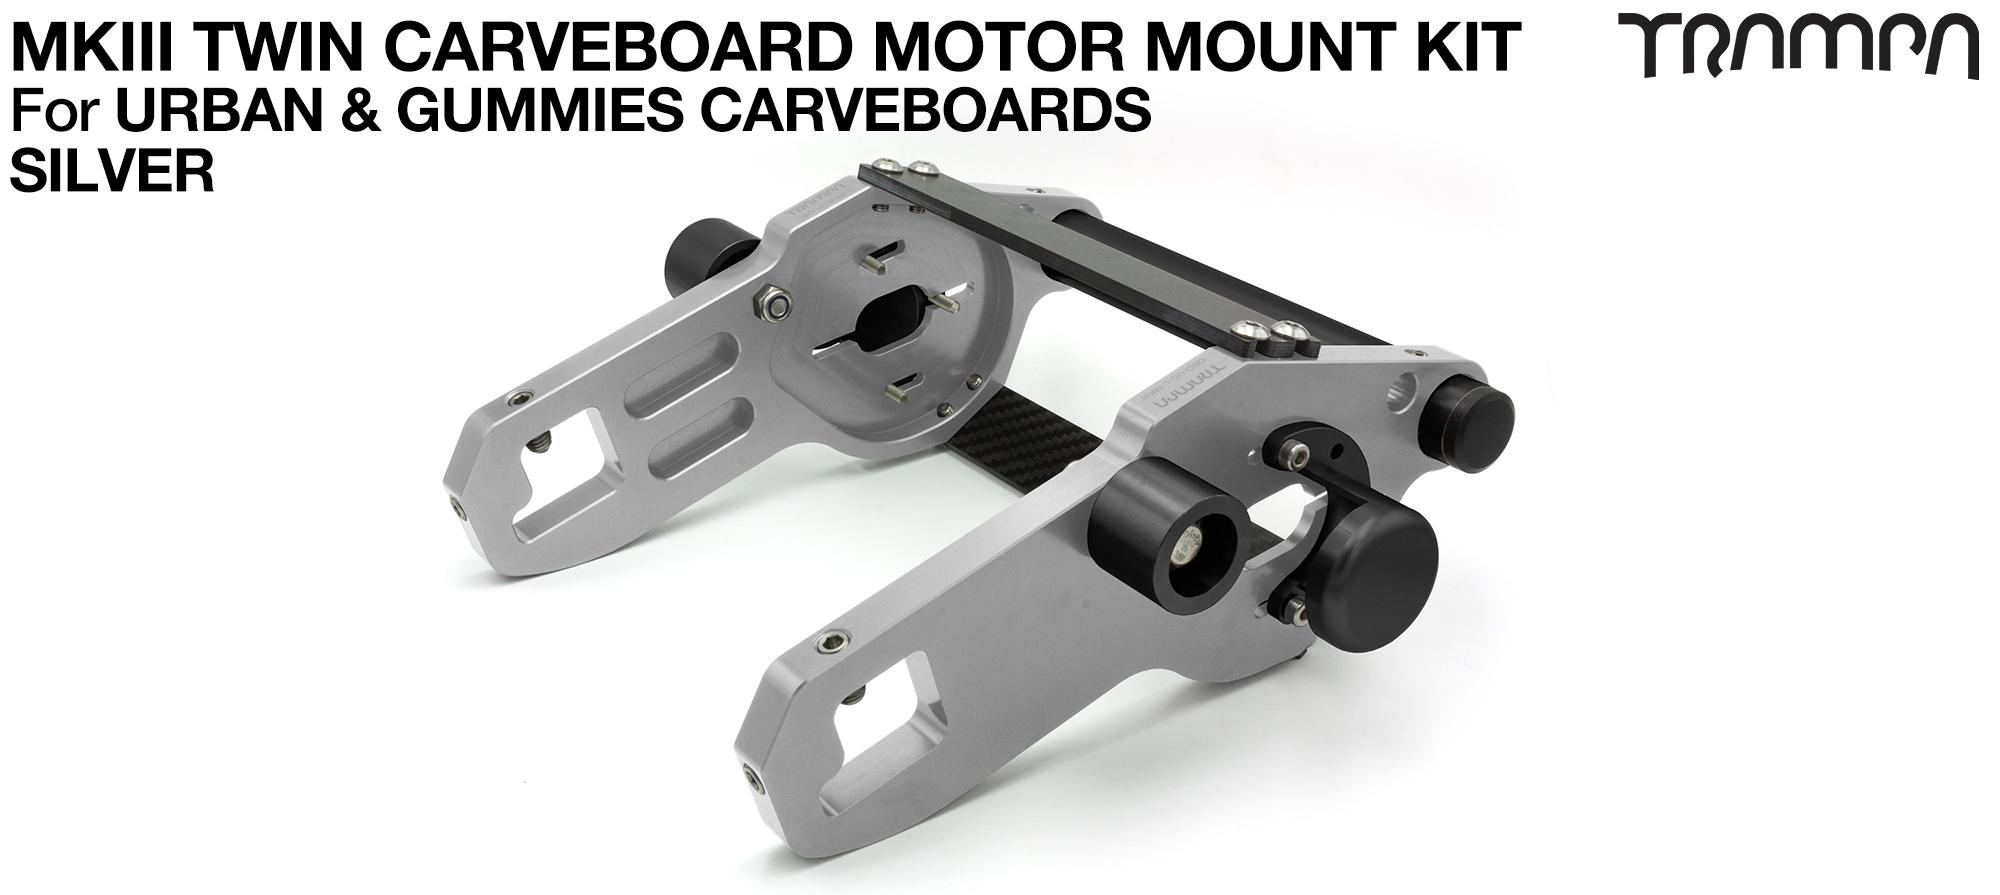 MkIII CARVE BOARD Motor Mount Kit - TWIN SILVER